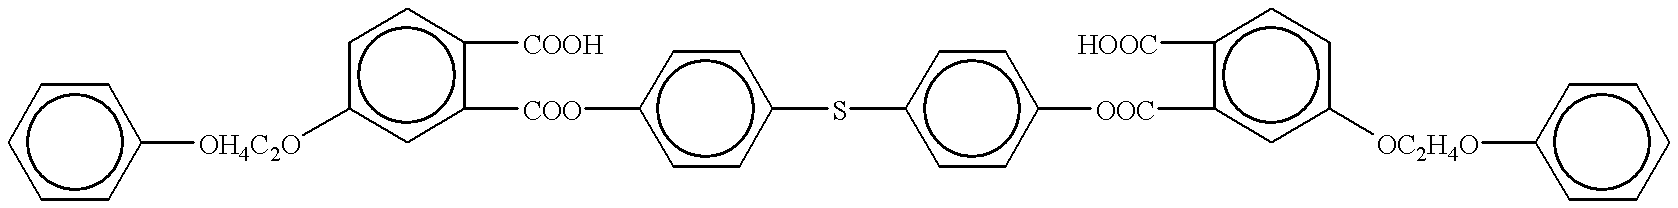 Figure US06180560-20010130-C00204